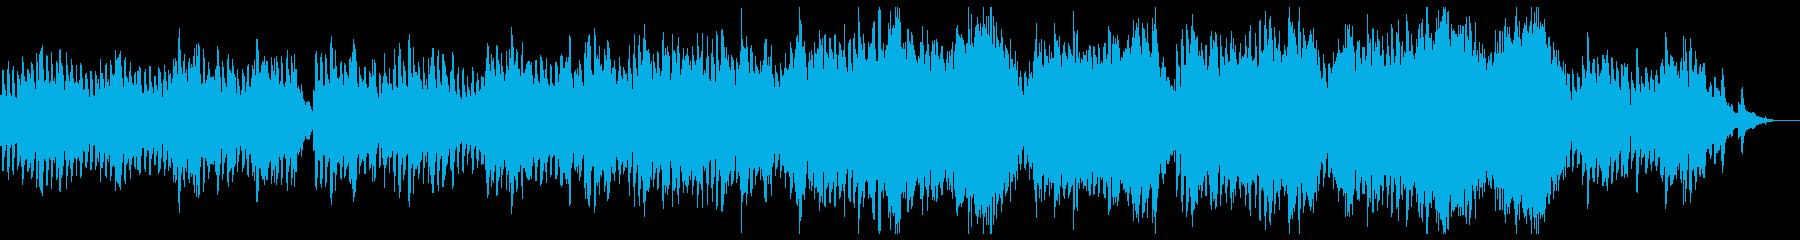 静かな懐かしさの感動的なシネマシンフォ。の再生済みの波形